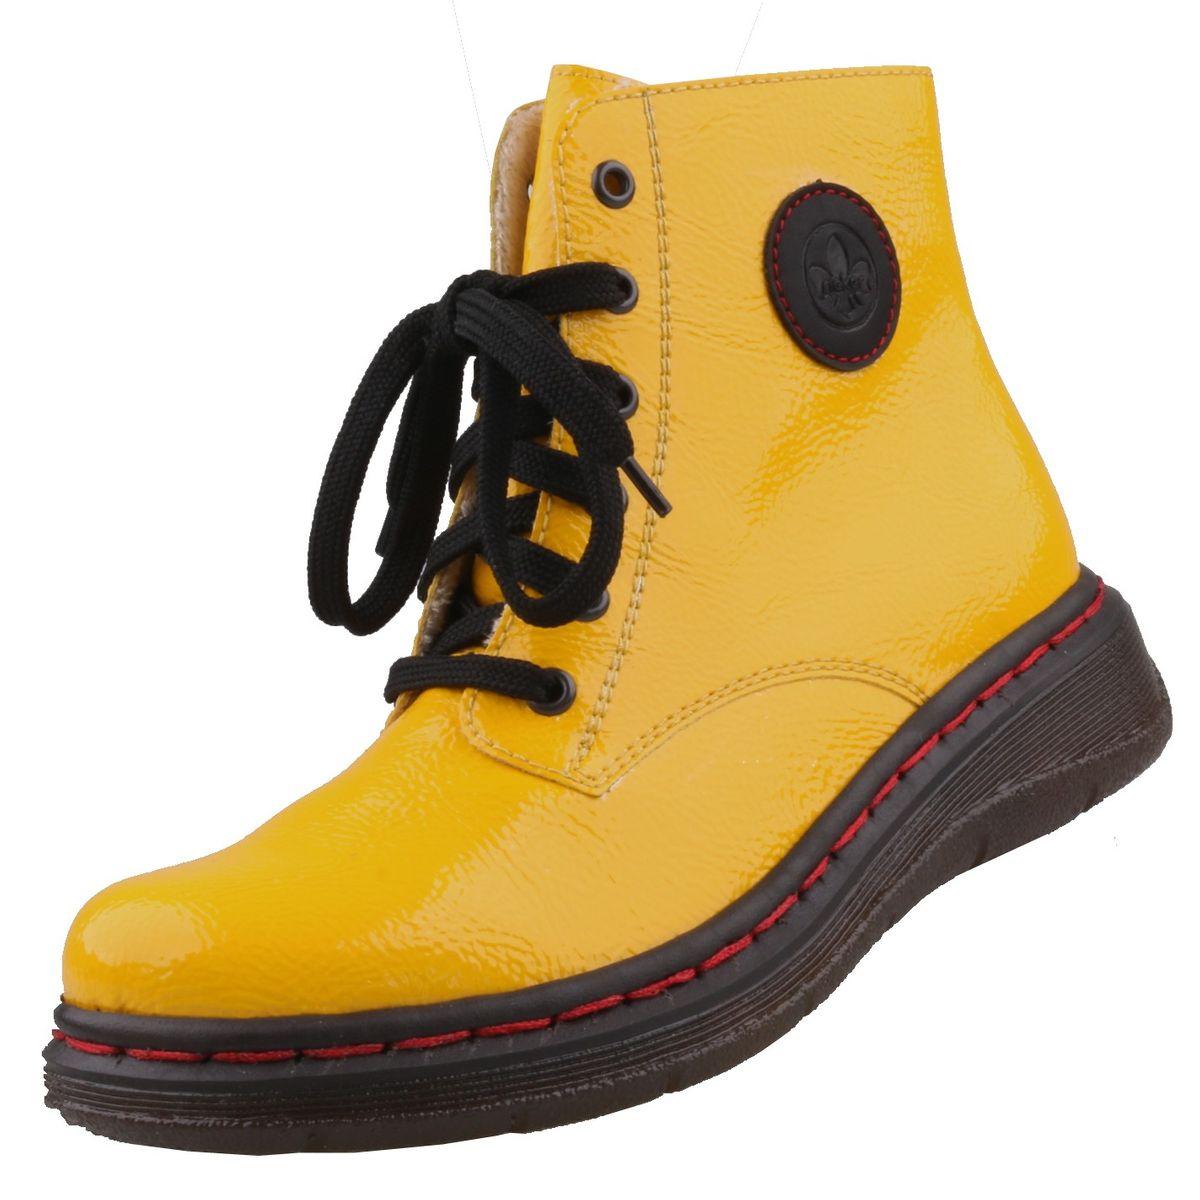 Rieker Damen Stiefeletten Gelb | Trendbereich